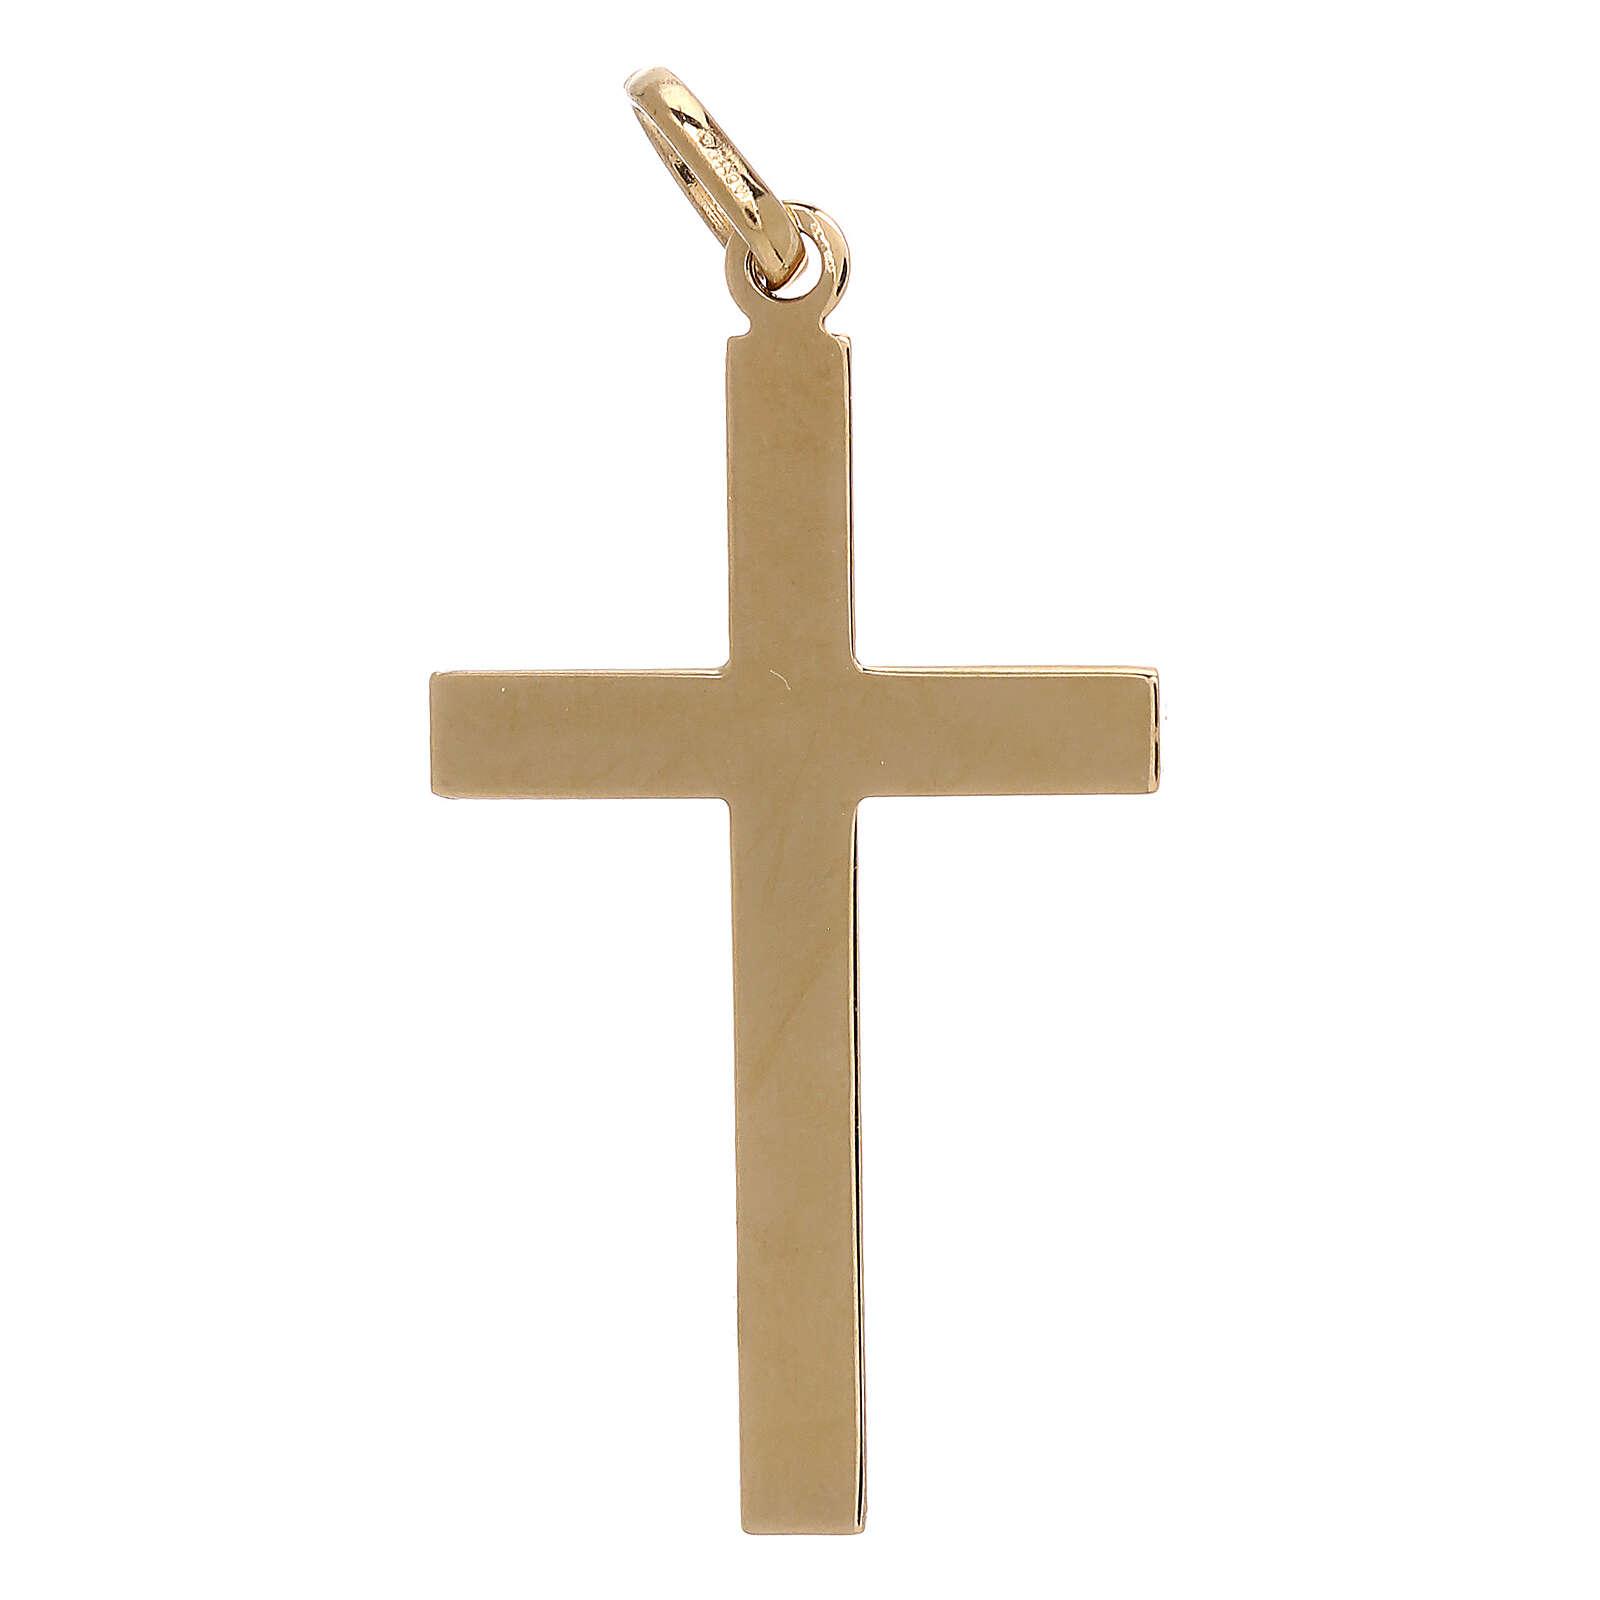 Pendente croce bicolore oro 18 kt fasce zigrinate 1,15 gr 4